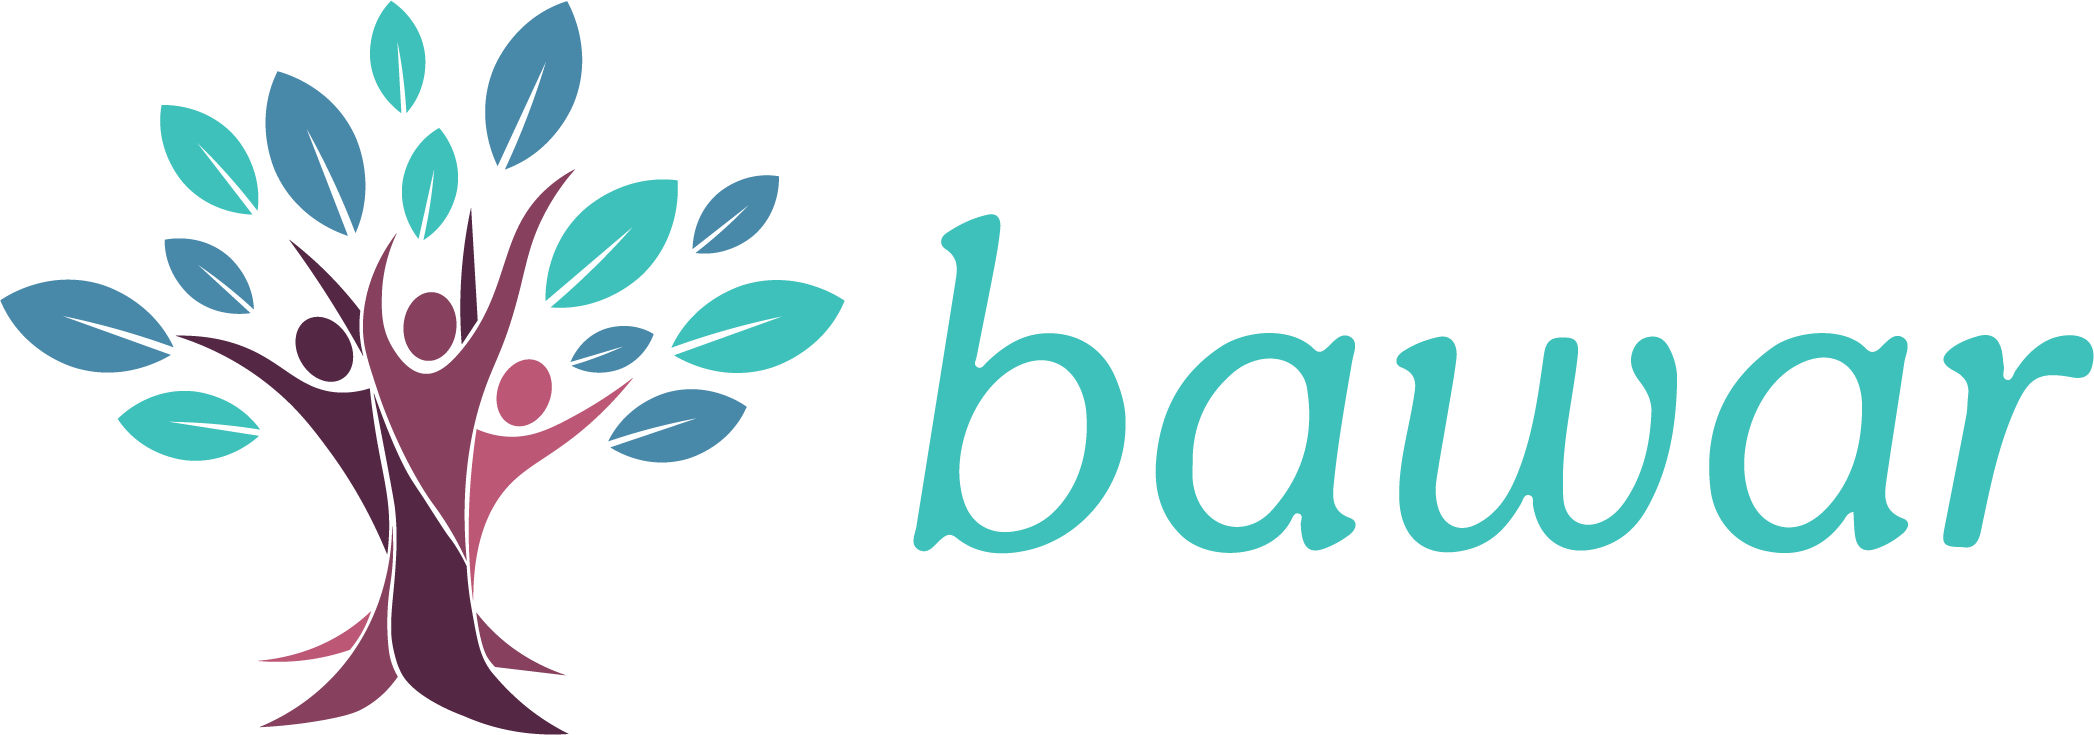 BAWAR